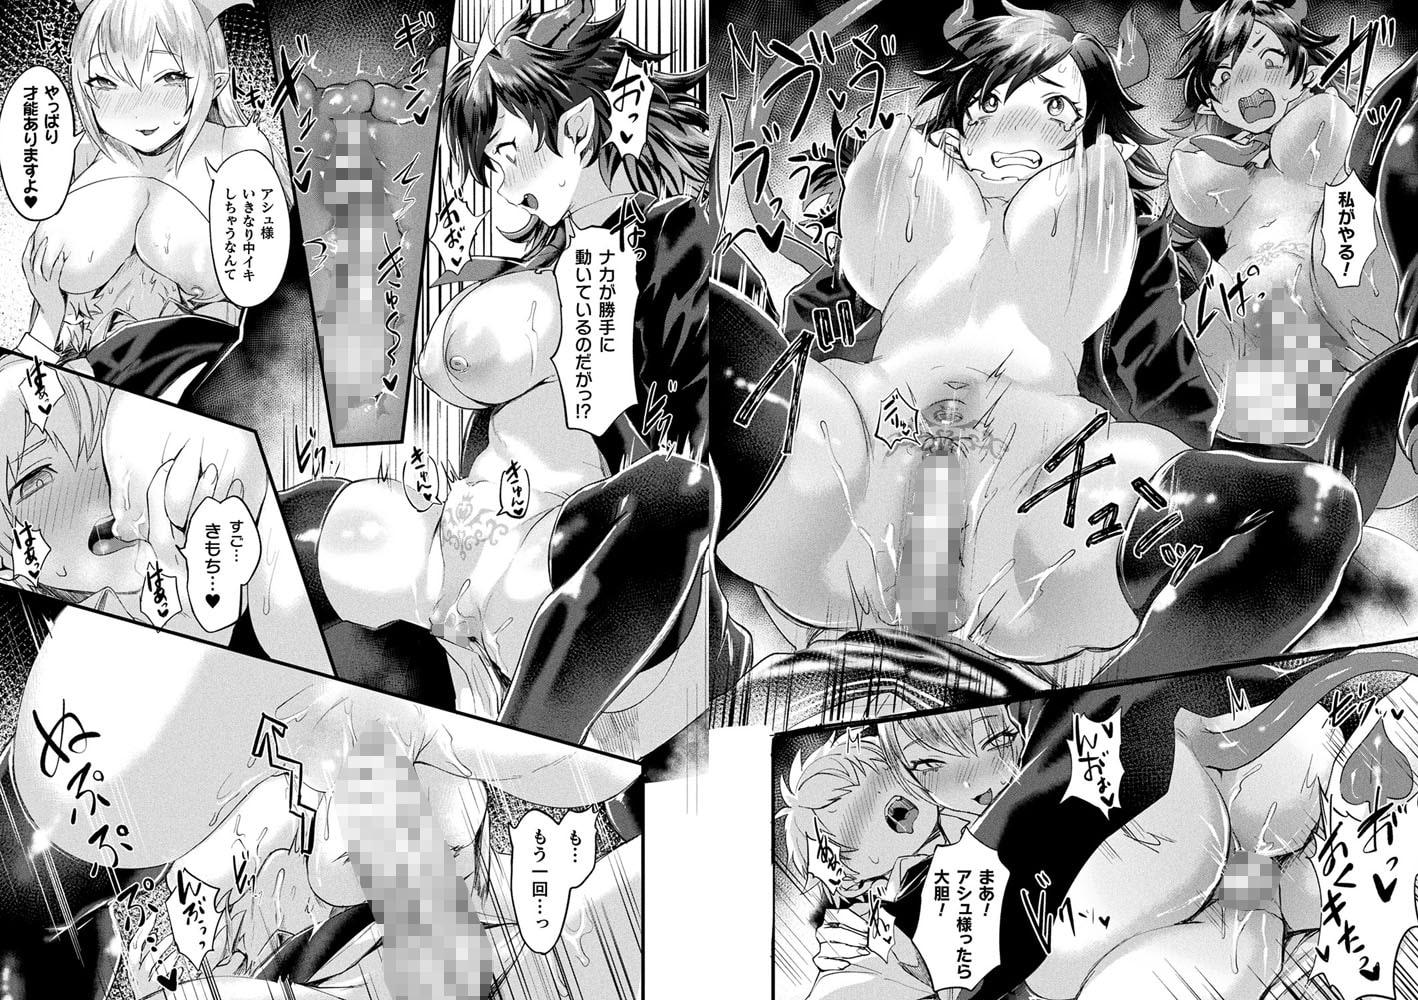 悪魔的!TS物語【単話】のサンプル画像1